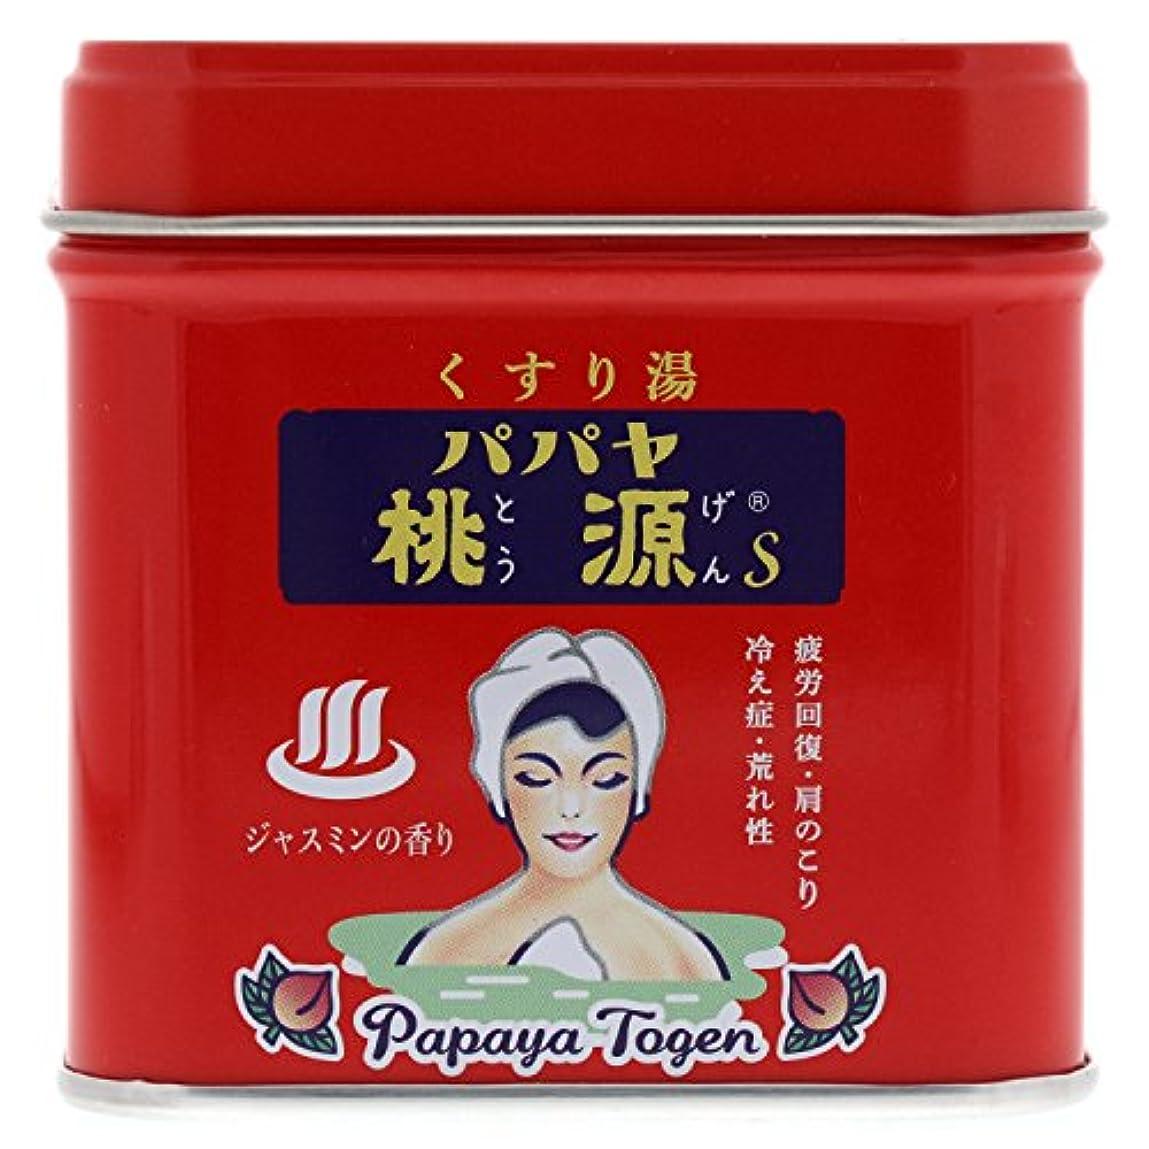 前にネスト特権パパヤ桃源S70g缶 ジャスミンの香り [医薬部外品]